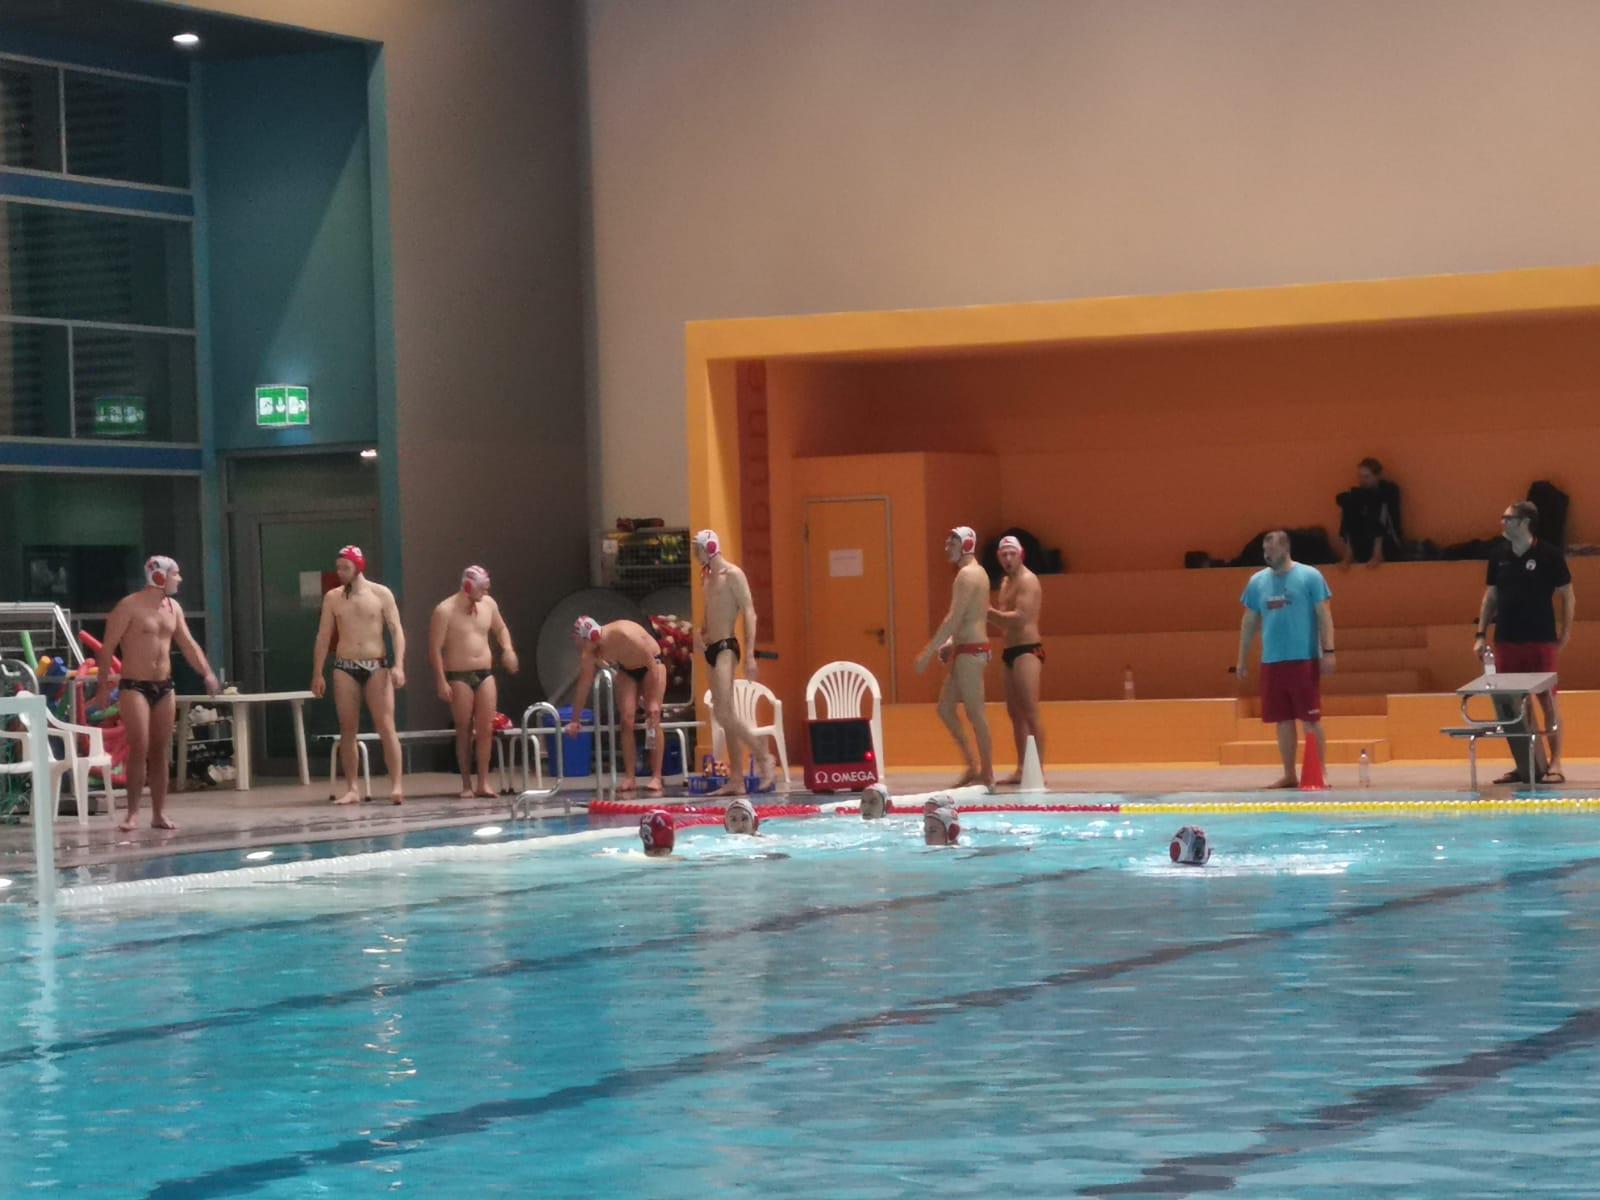 Auftaktspiel 2. Liga Wasserball HTB62 - SV Poseidon